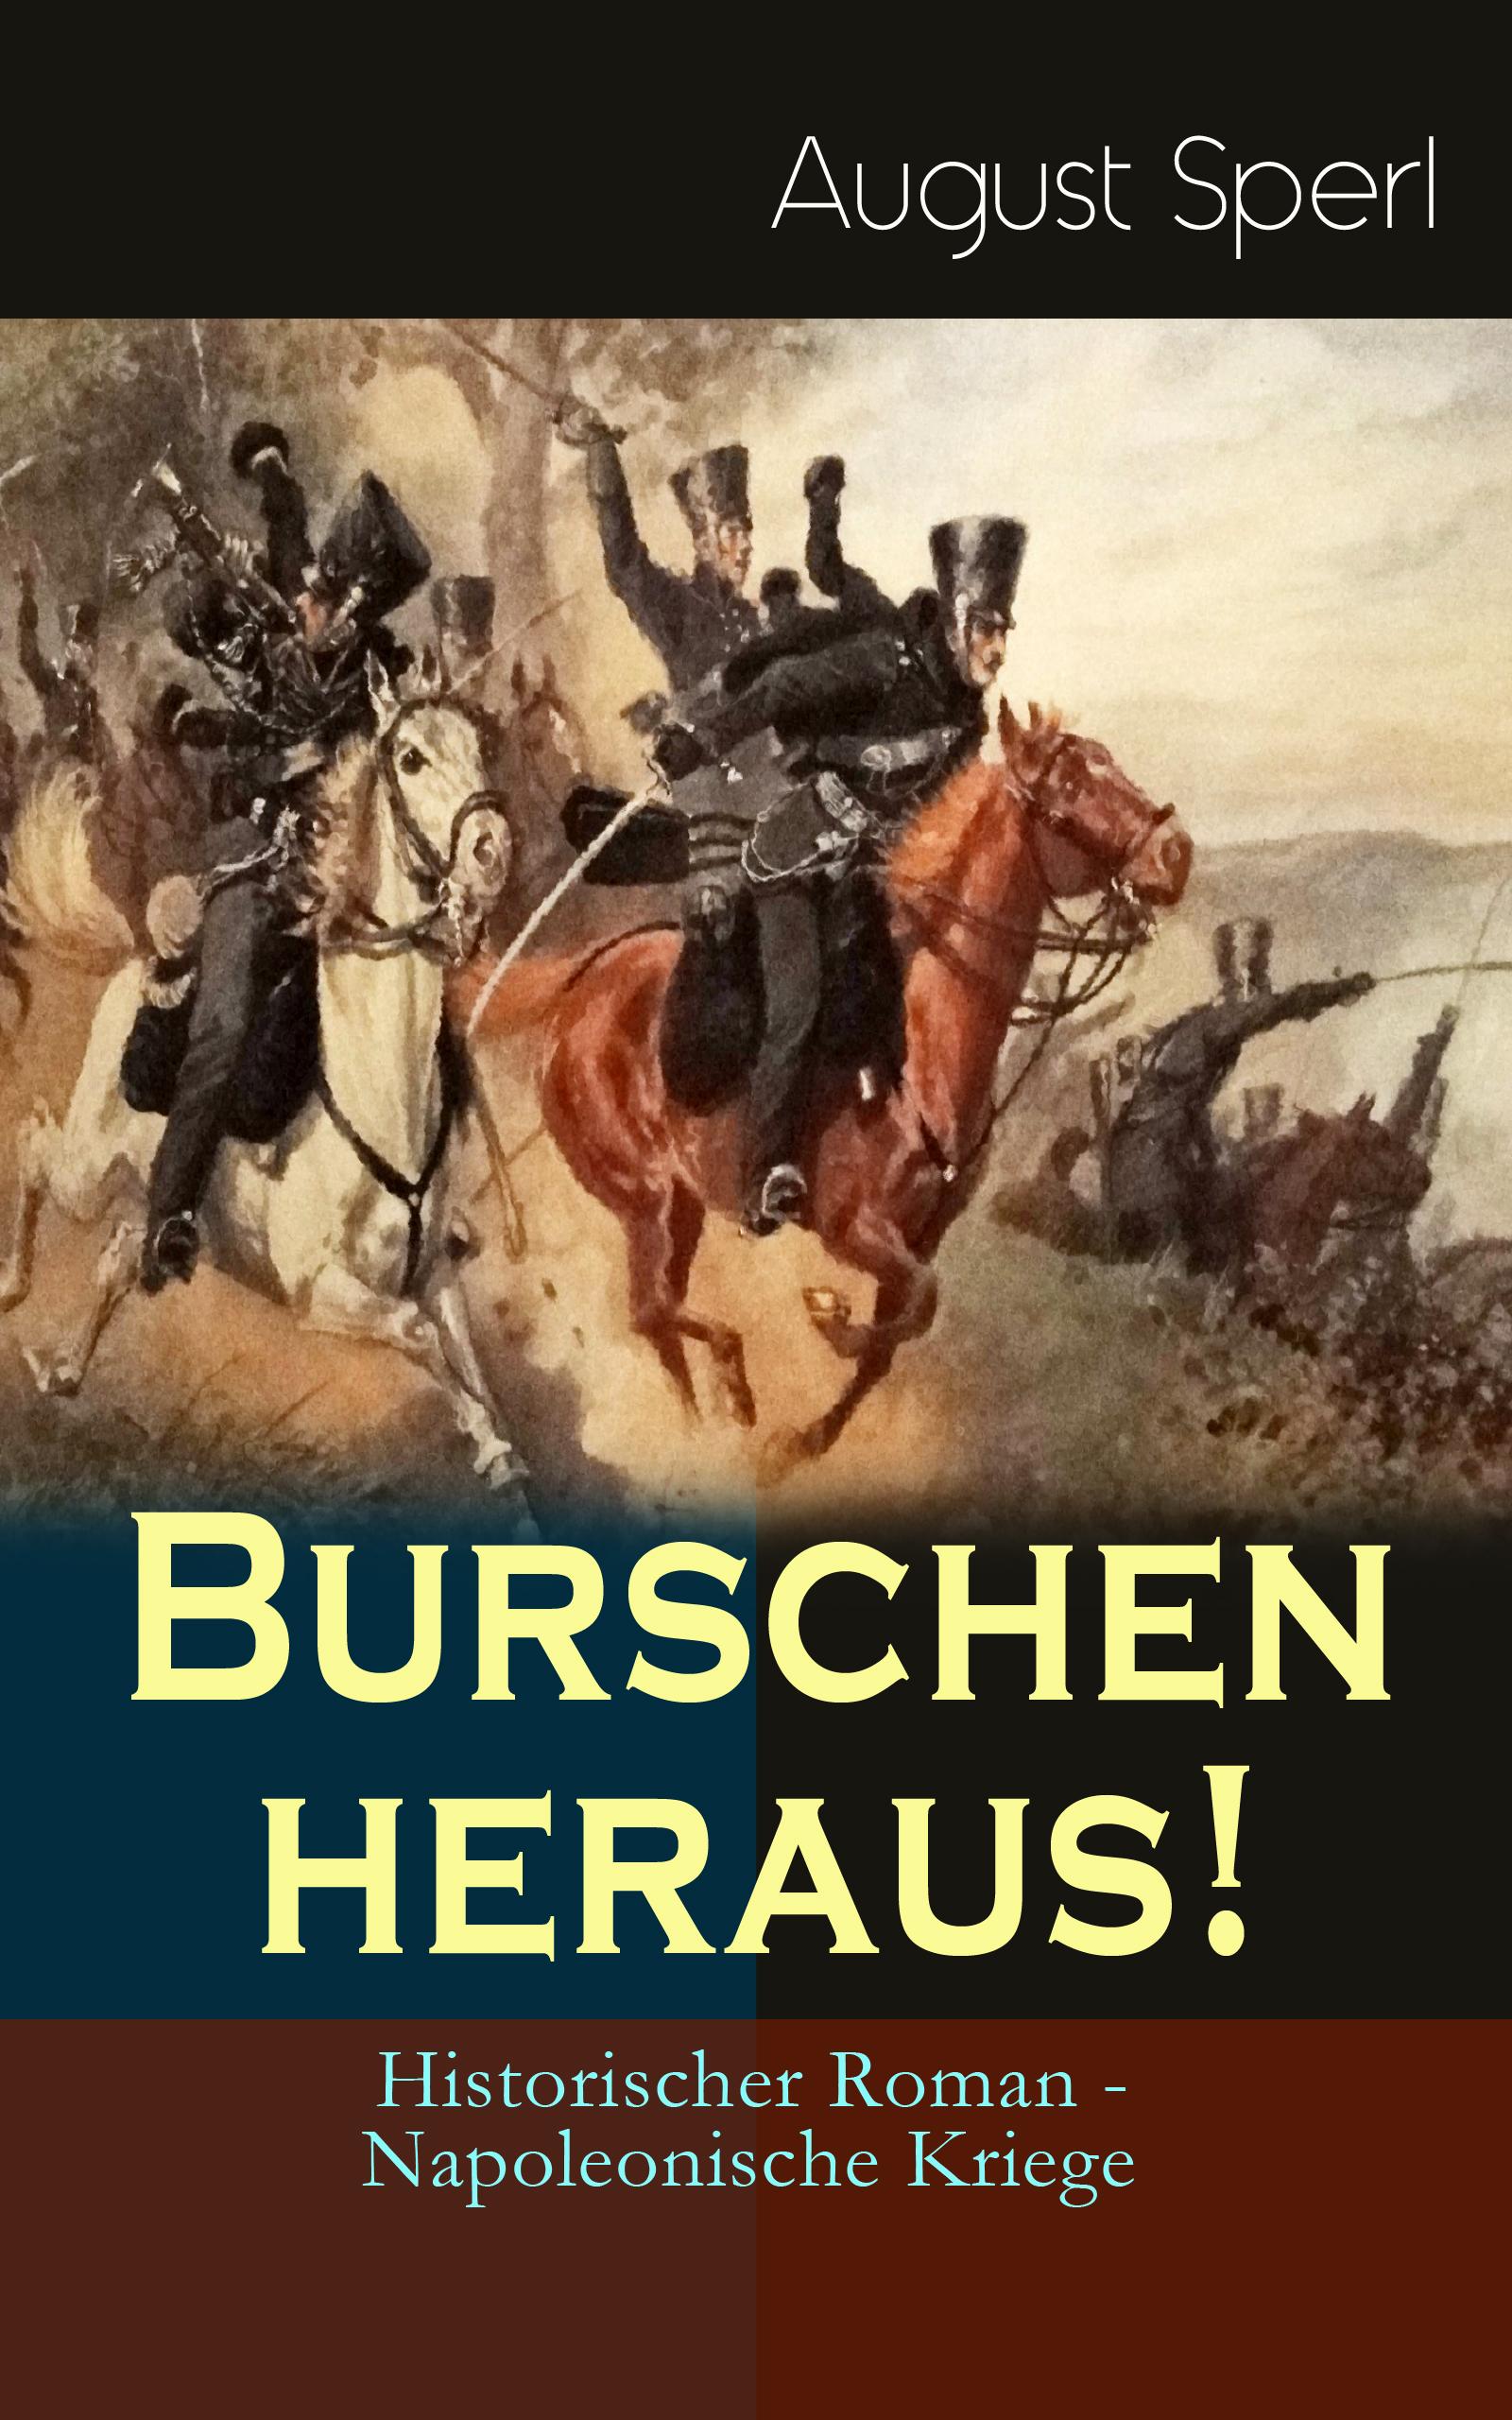 August Sperl Burschen heraus! (Historischer Roman - Napoleonische Kriege) priscilla bucher kriege sind halt kacke